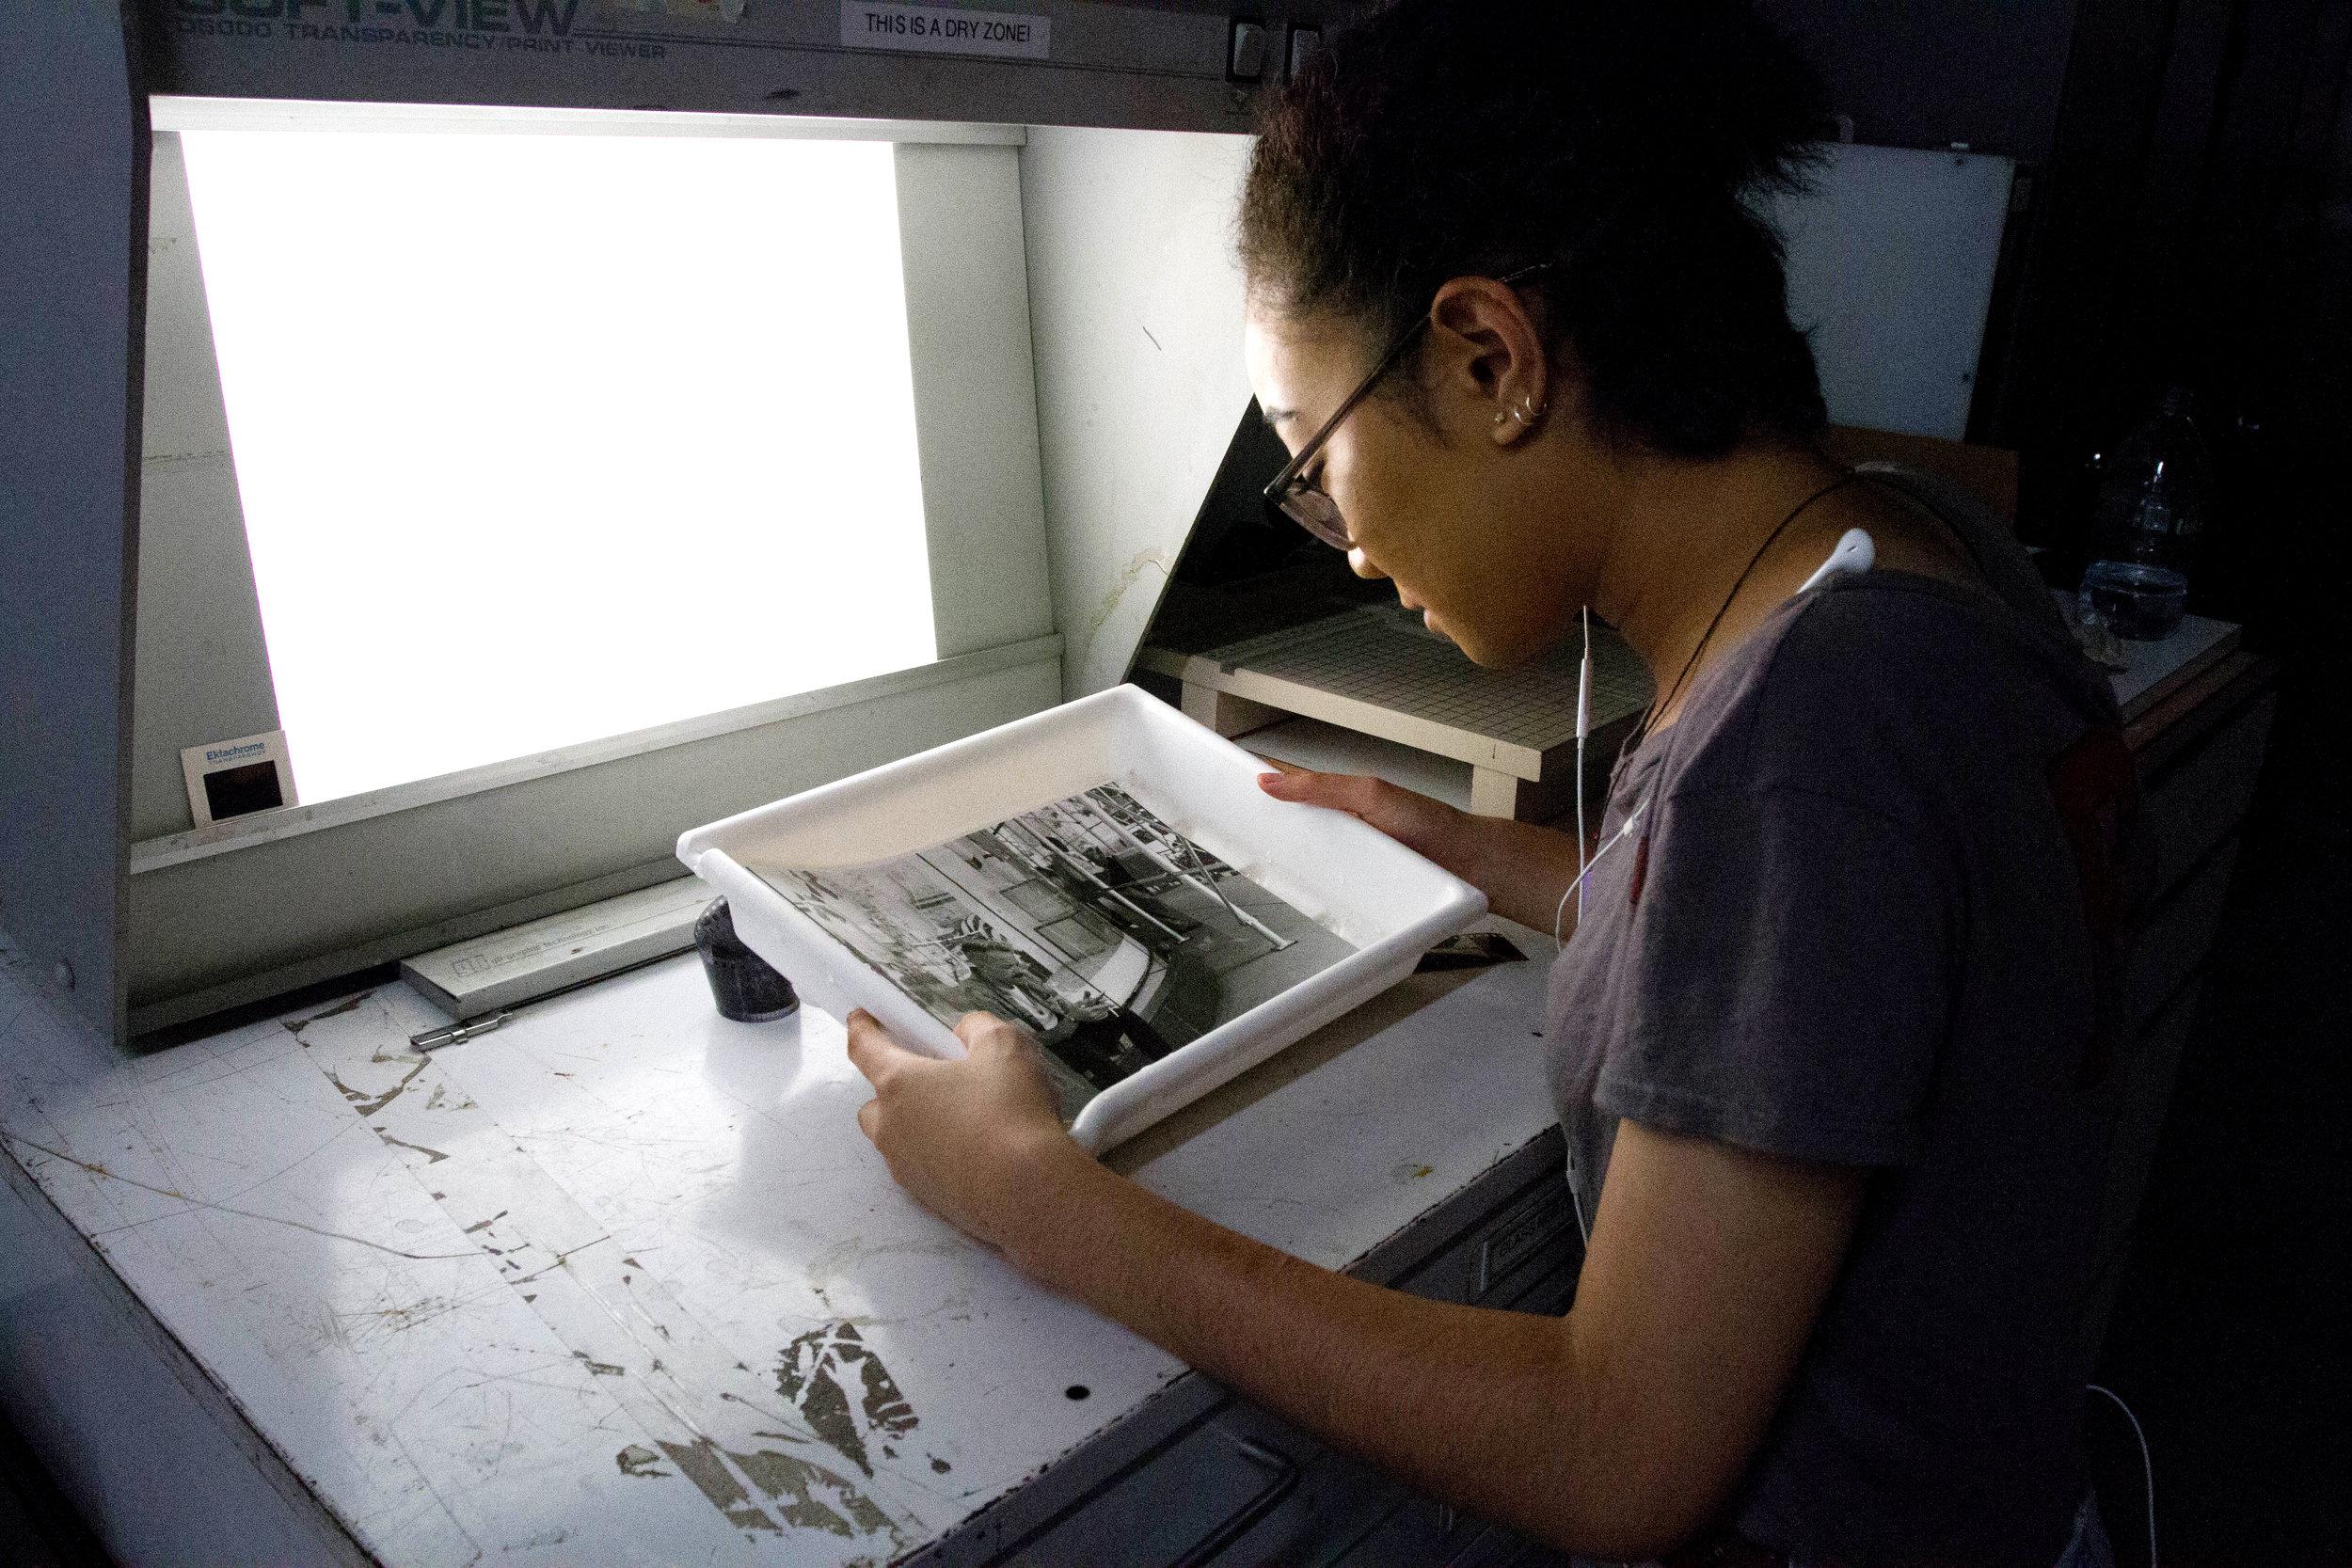 High school intern Maya inspects a freshly made B&W print